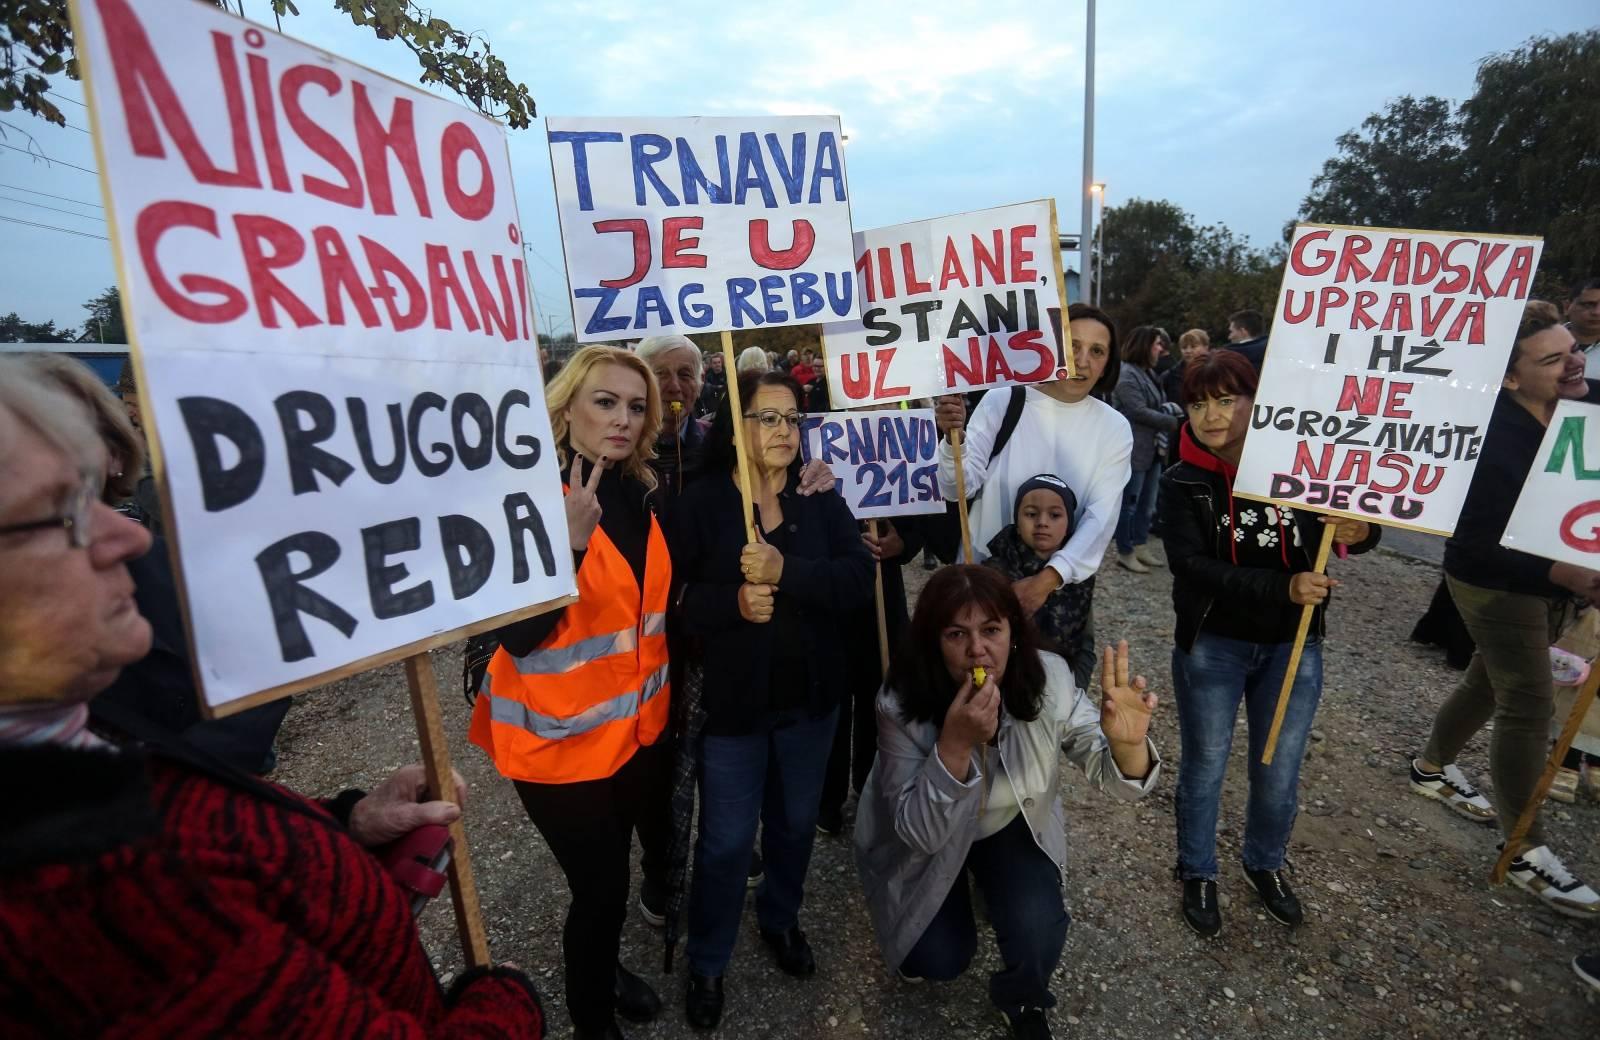 Stanari Trnave prosvjeduju zbog dugogodišnjeg problema pružnog prijelaza u njihovom kvartu